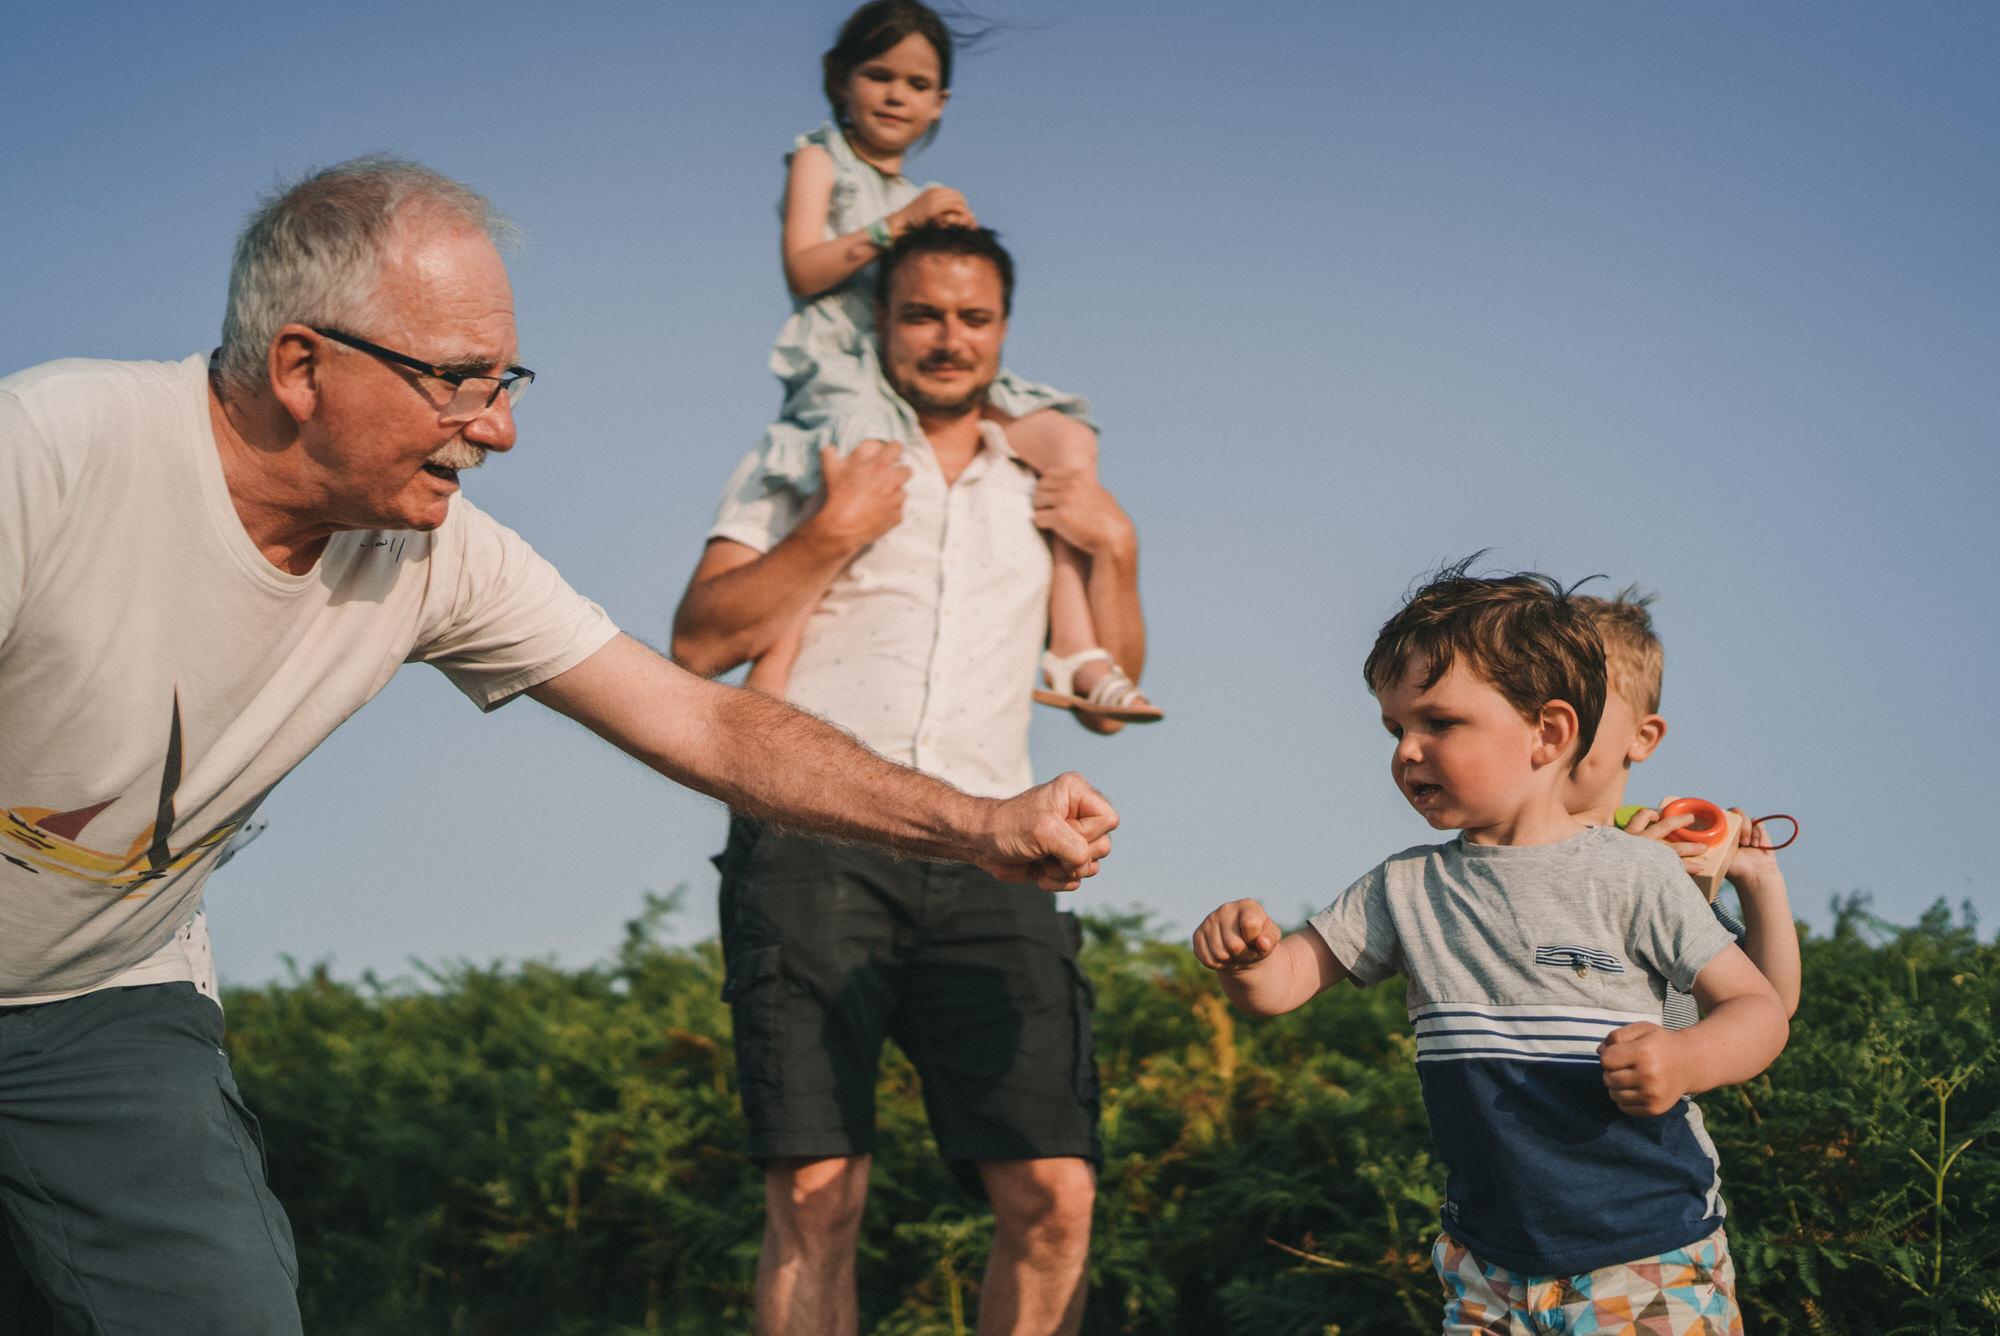 2021.07.20 Photo De Famille A Porspoder En Bretagne Par Antoine Borzeix 115, Photographe & Videaste à Brest / Finistère